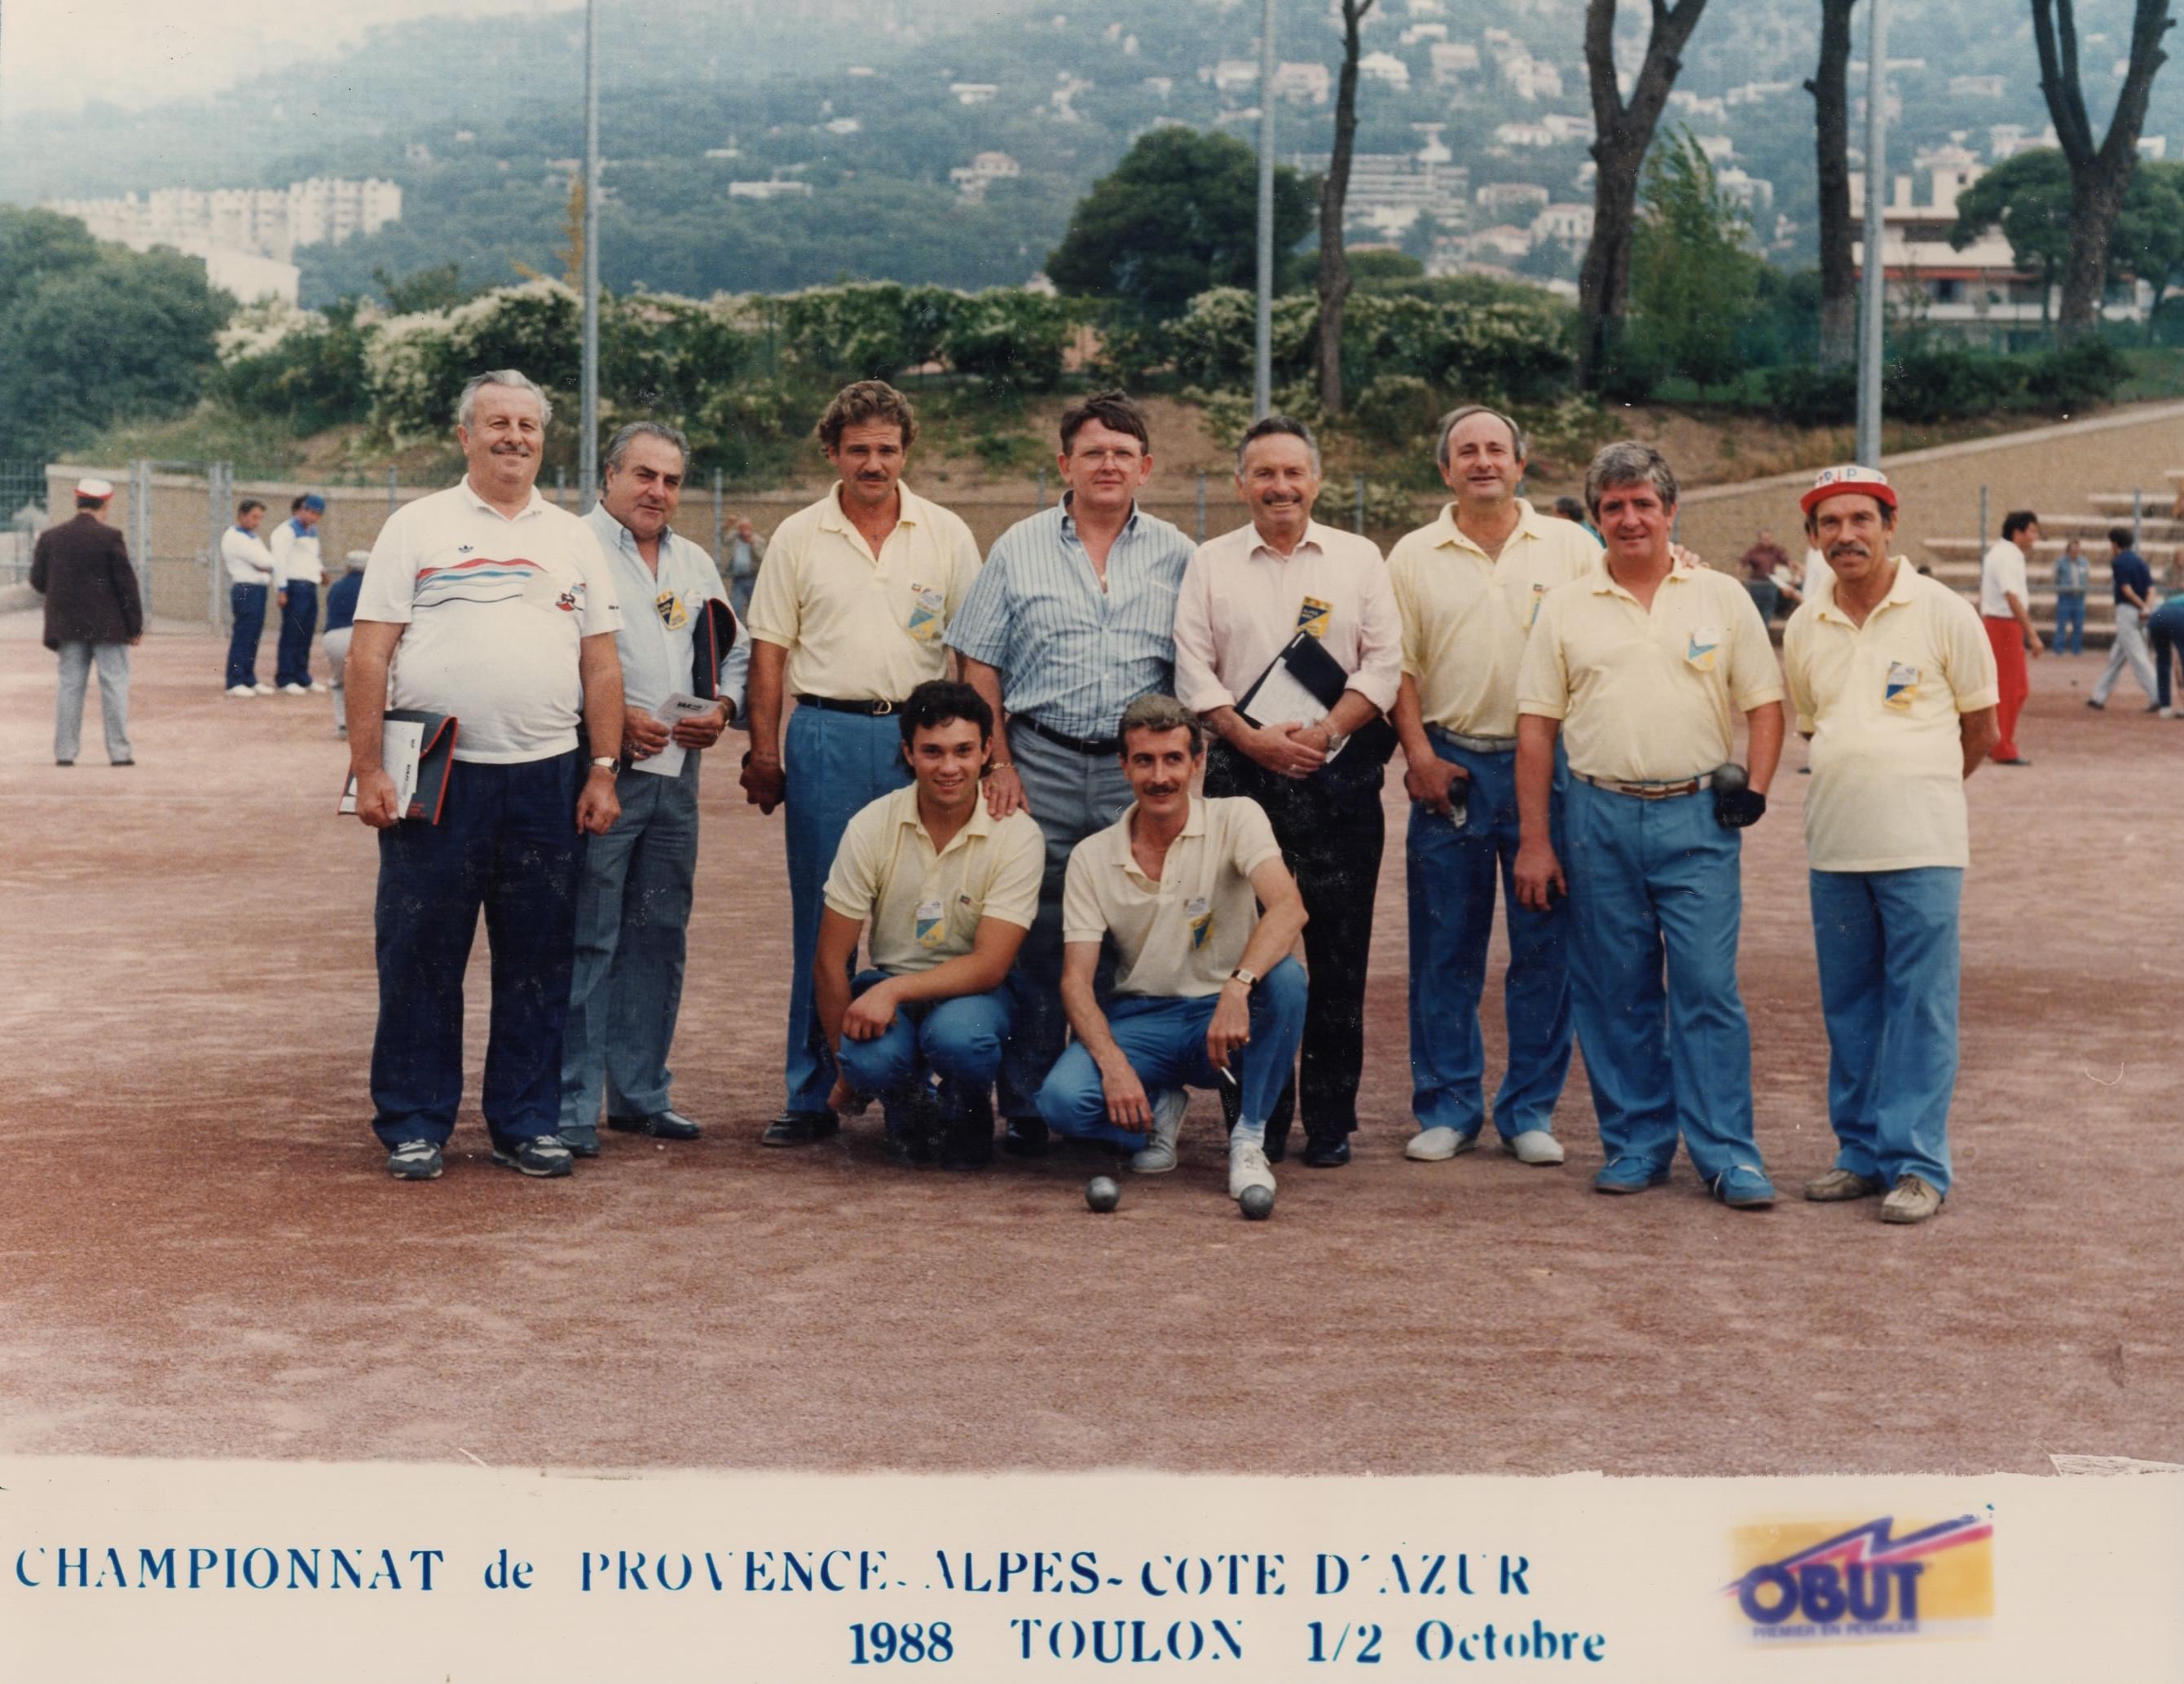 Les qualifiés de la Mini-Boule Laurentine au championnat de ligue 1988 (photo Jean-Claude MEYER)